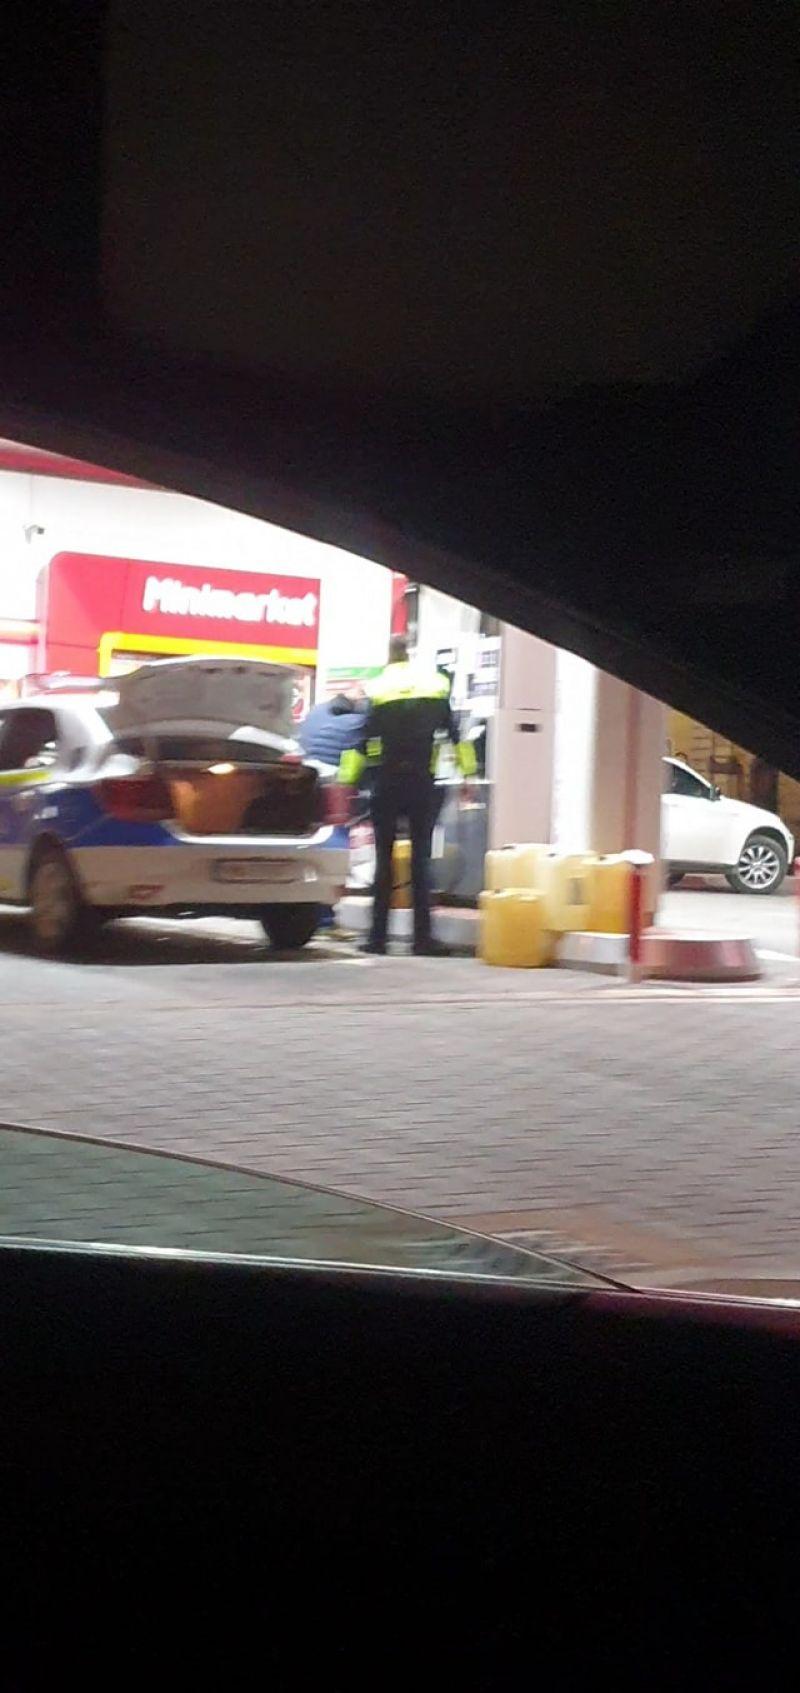 FOTO: SIGHETU MARMAȚIEI - Un polițist umple mai multe canistre cu combustibil în portbagajul unei autospeciale